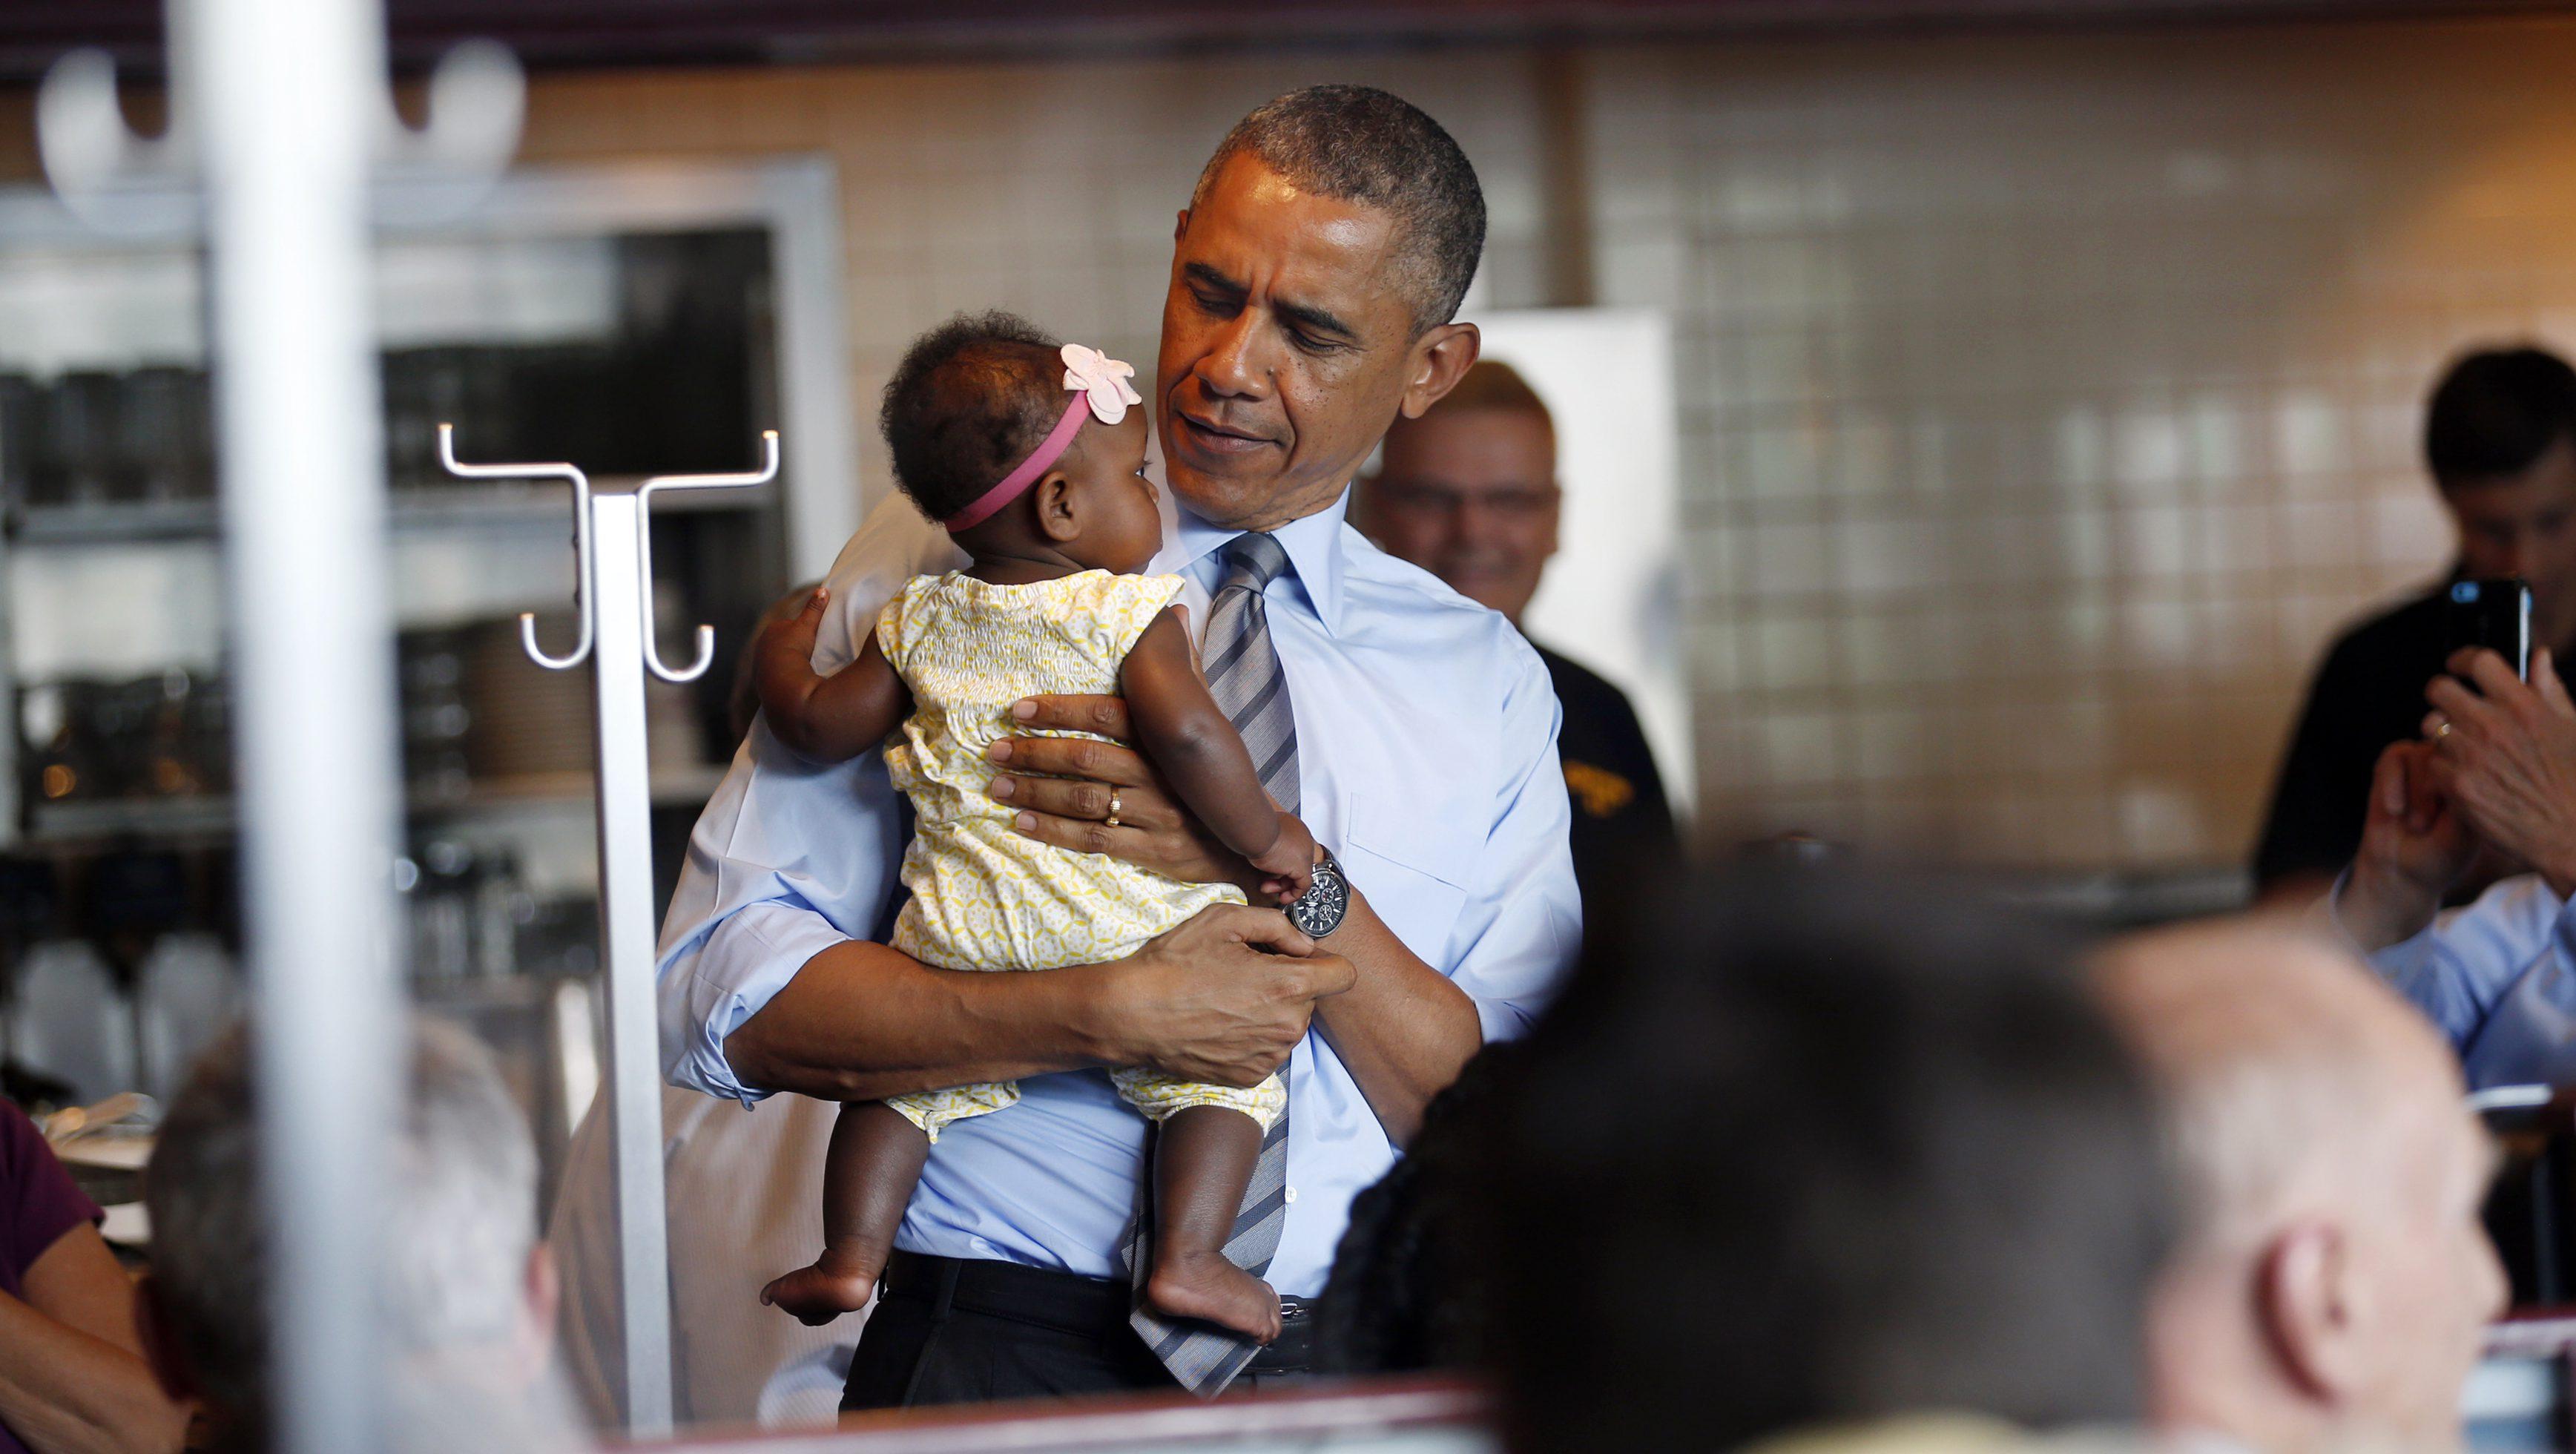 Barack Obama holding a baby.